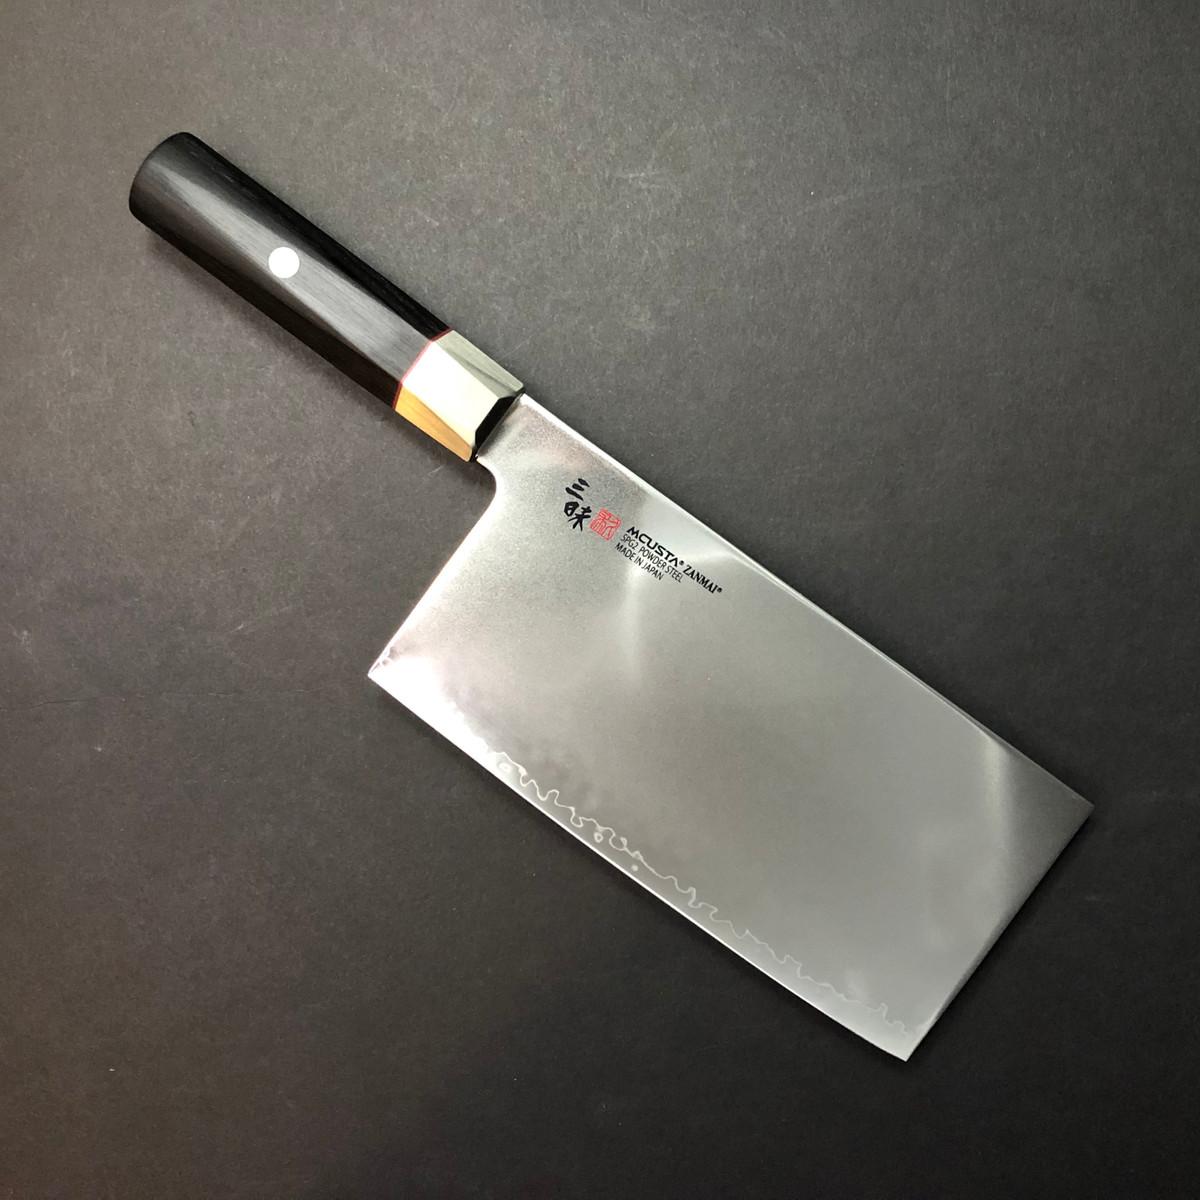 MCUSTA ZANMAI | Hybrid SPG2 | Chinese Chef 180mm